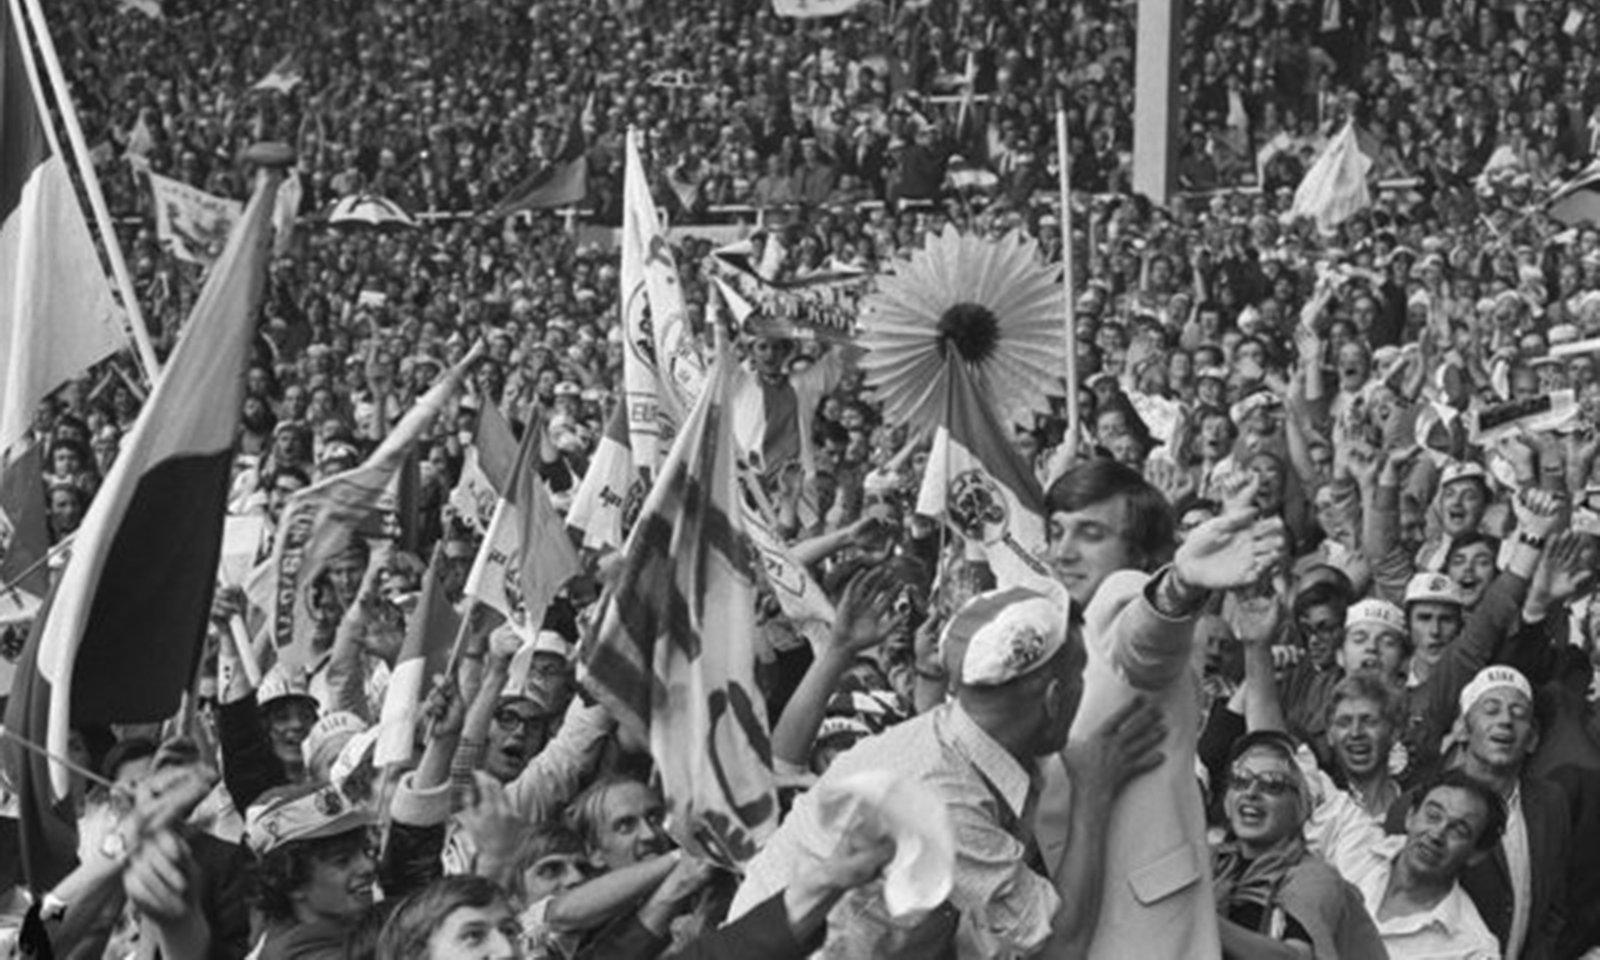 Europa Cup finale Ajax tegen Panathinaikos 2-0, Verhoeff, Bert / Anefo Ajax-supporters juichen Ruud Krol (in licht pak) toe. De Ajax-verdediger moet vanwege een gebroken been de finale aan zich voorbij laten gaan., Nationaal Archief 1971, In Copyright